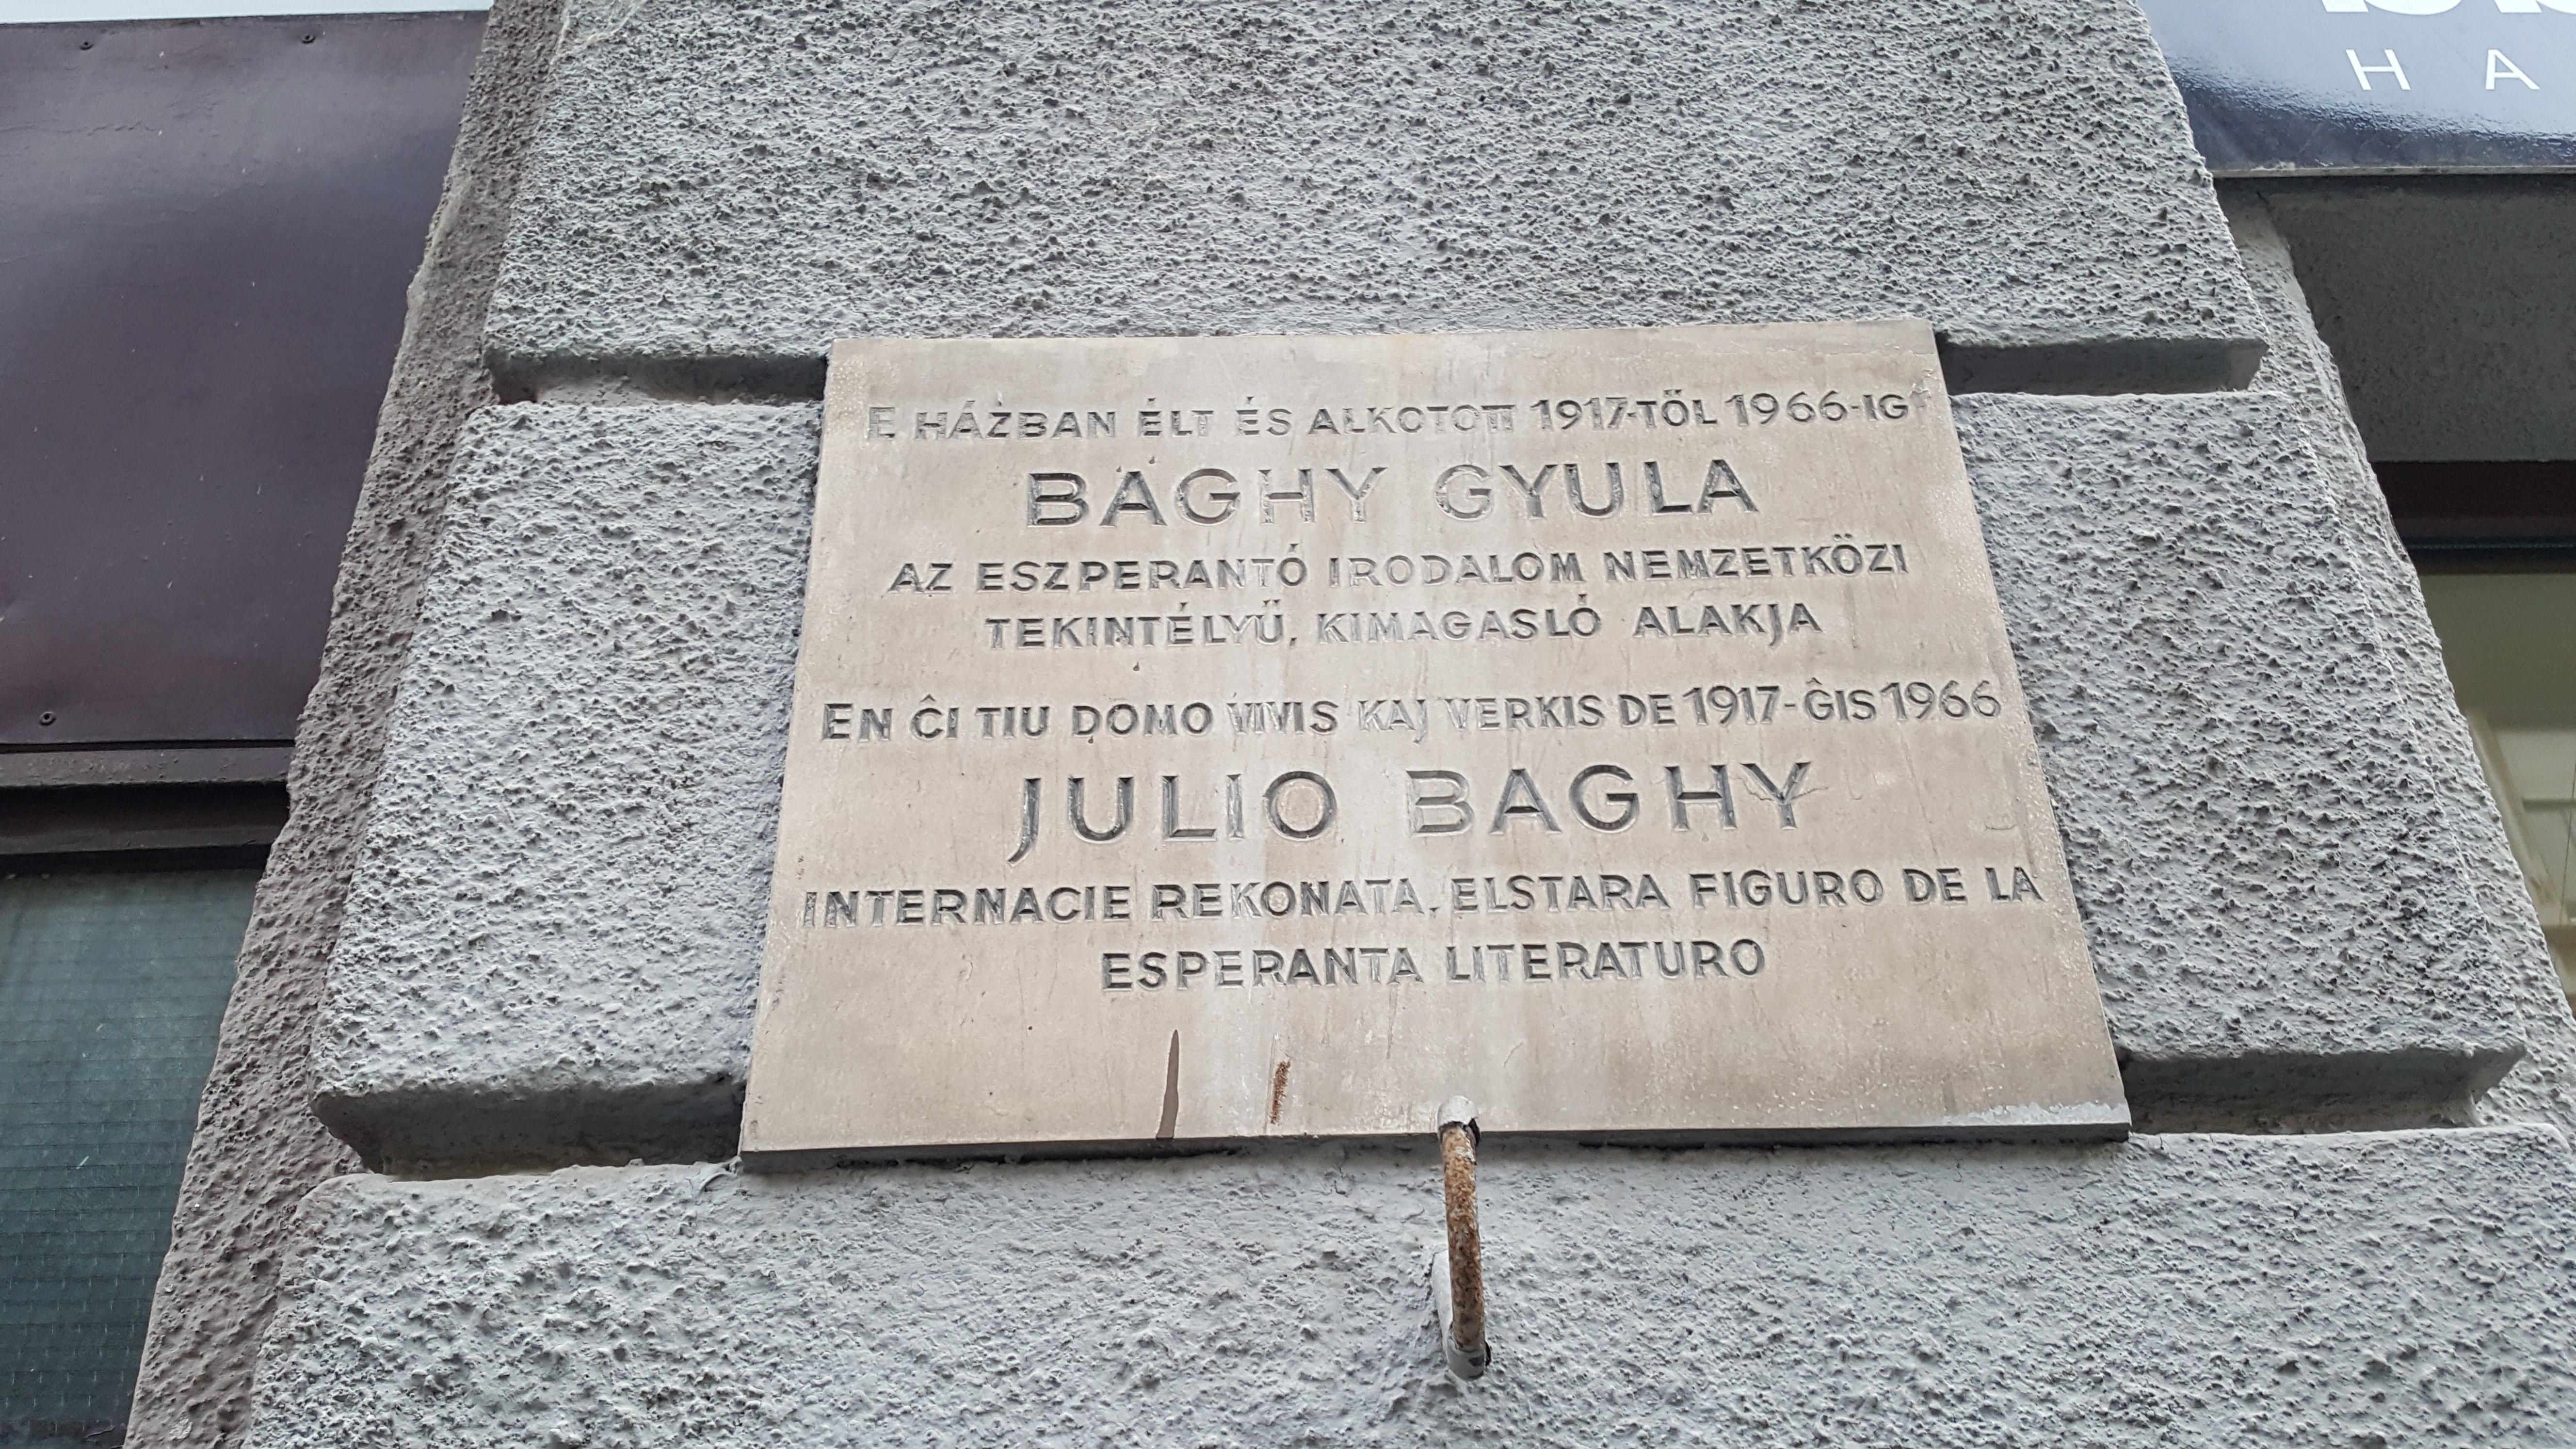 Julio Baghy verda koro